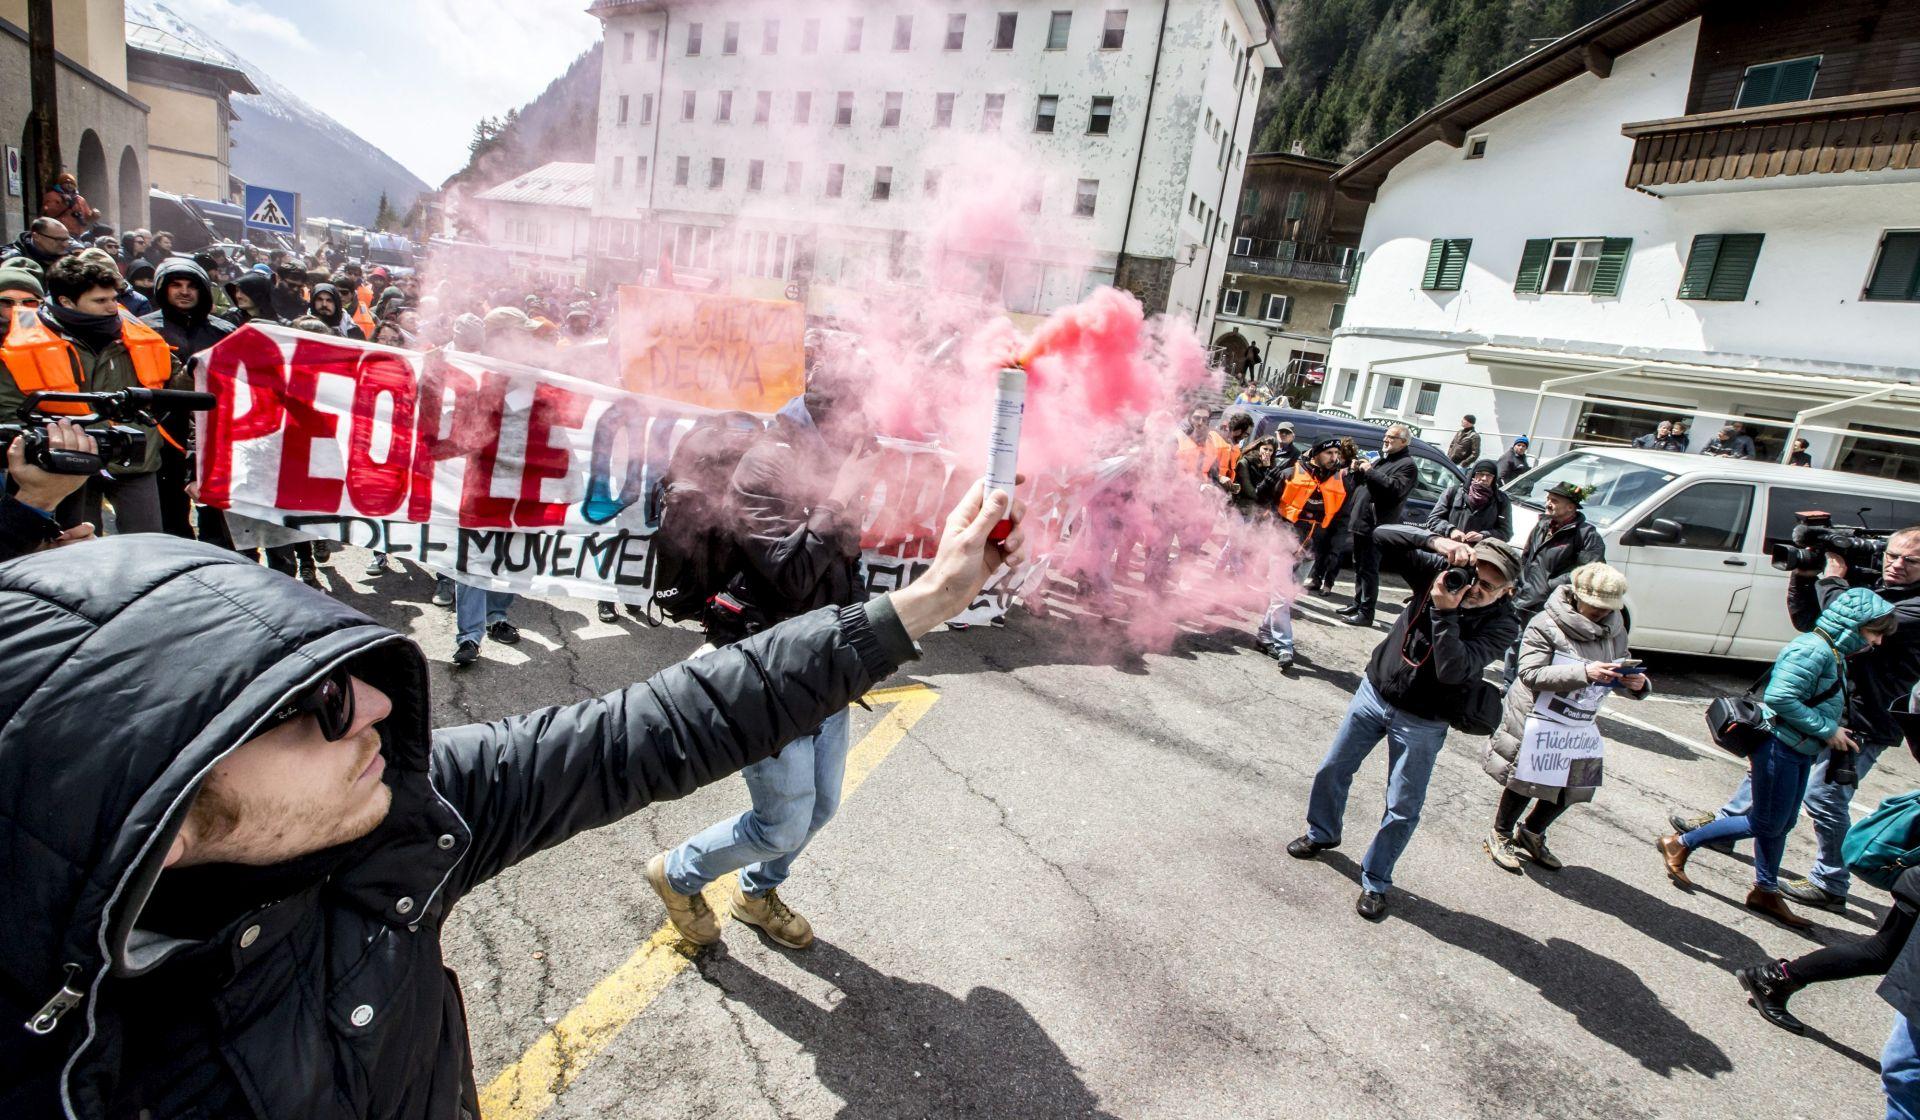 STROŽE GRANIČNE KONTROLE Prosvjednici i policija sukobili se na talijansko-austrijskoj granici